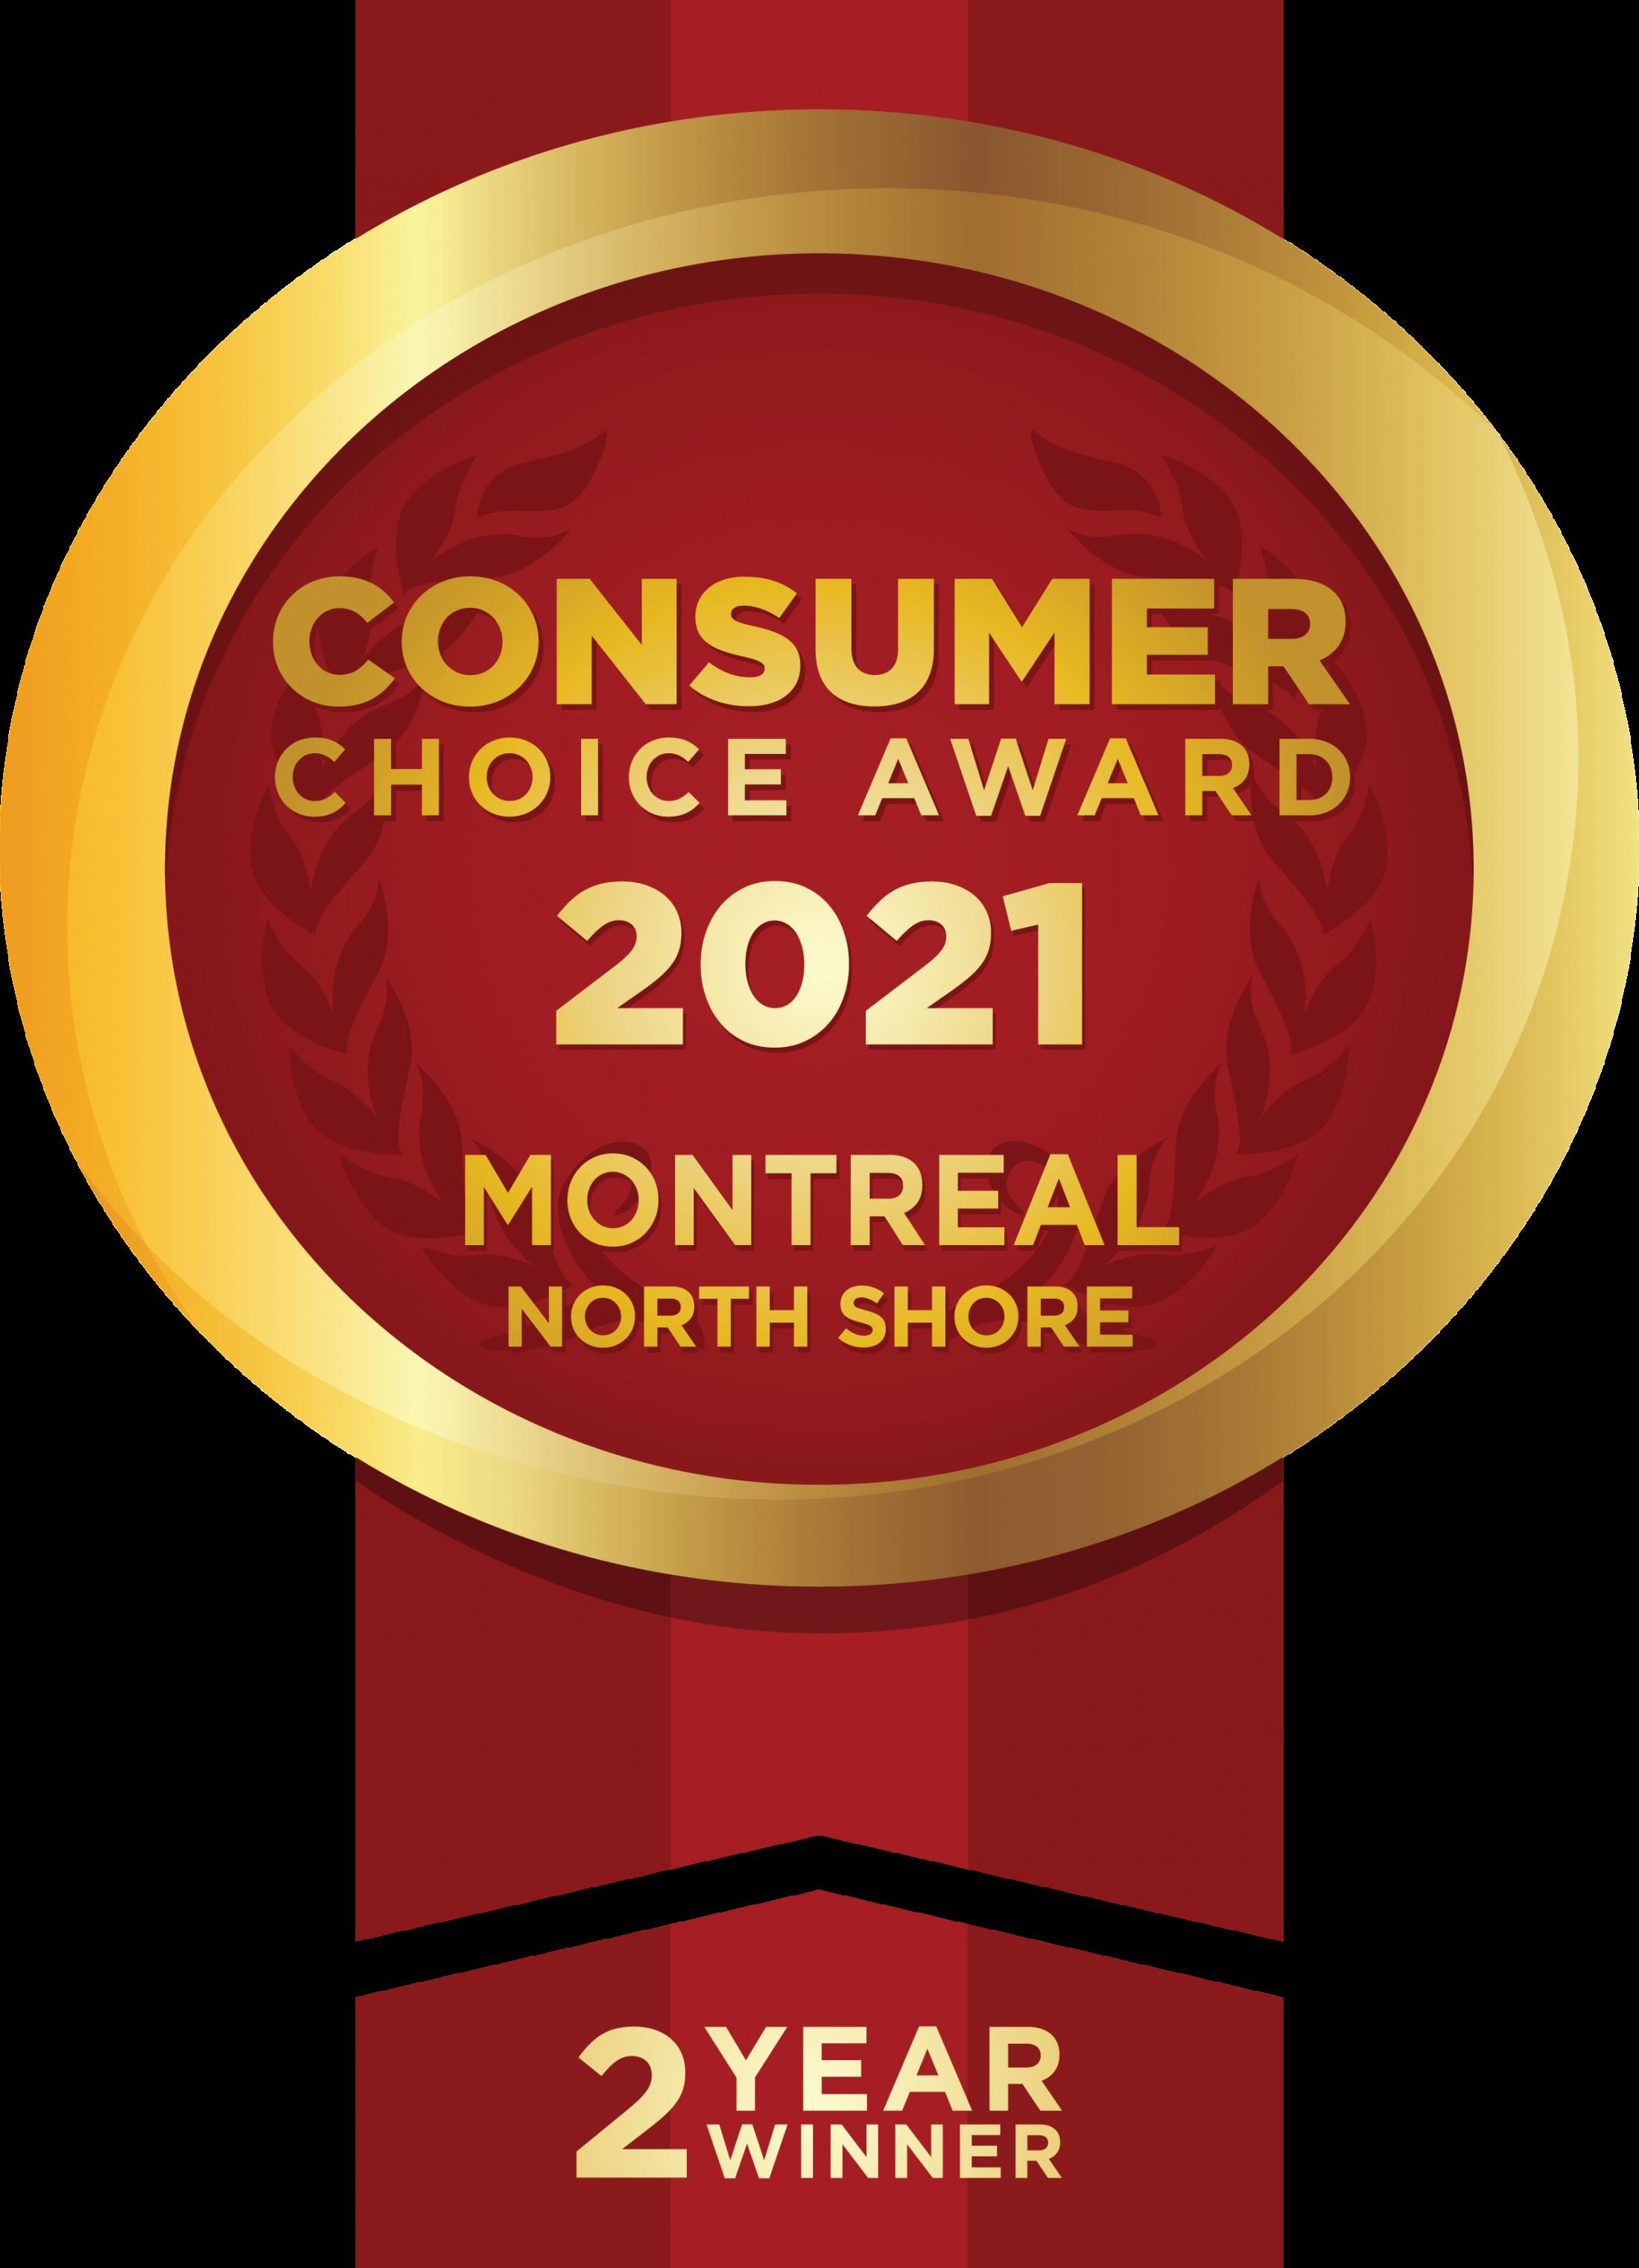 Consumer Choice Award tutoring services SOSteacher